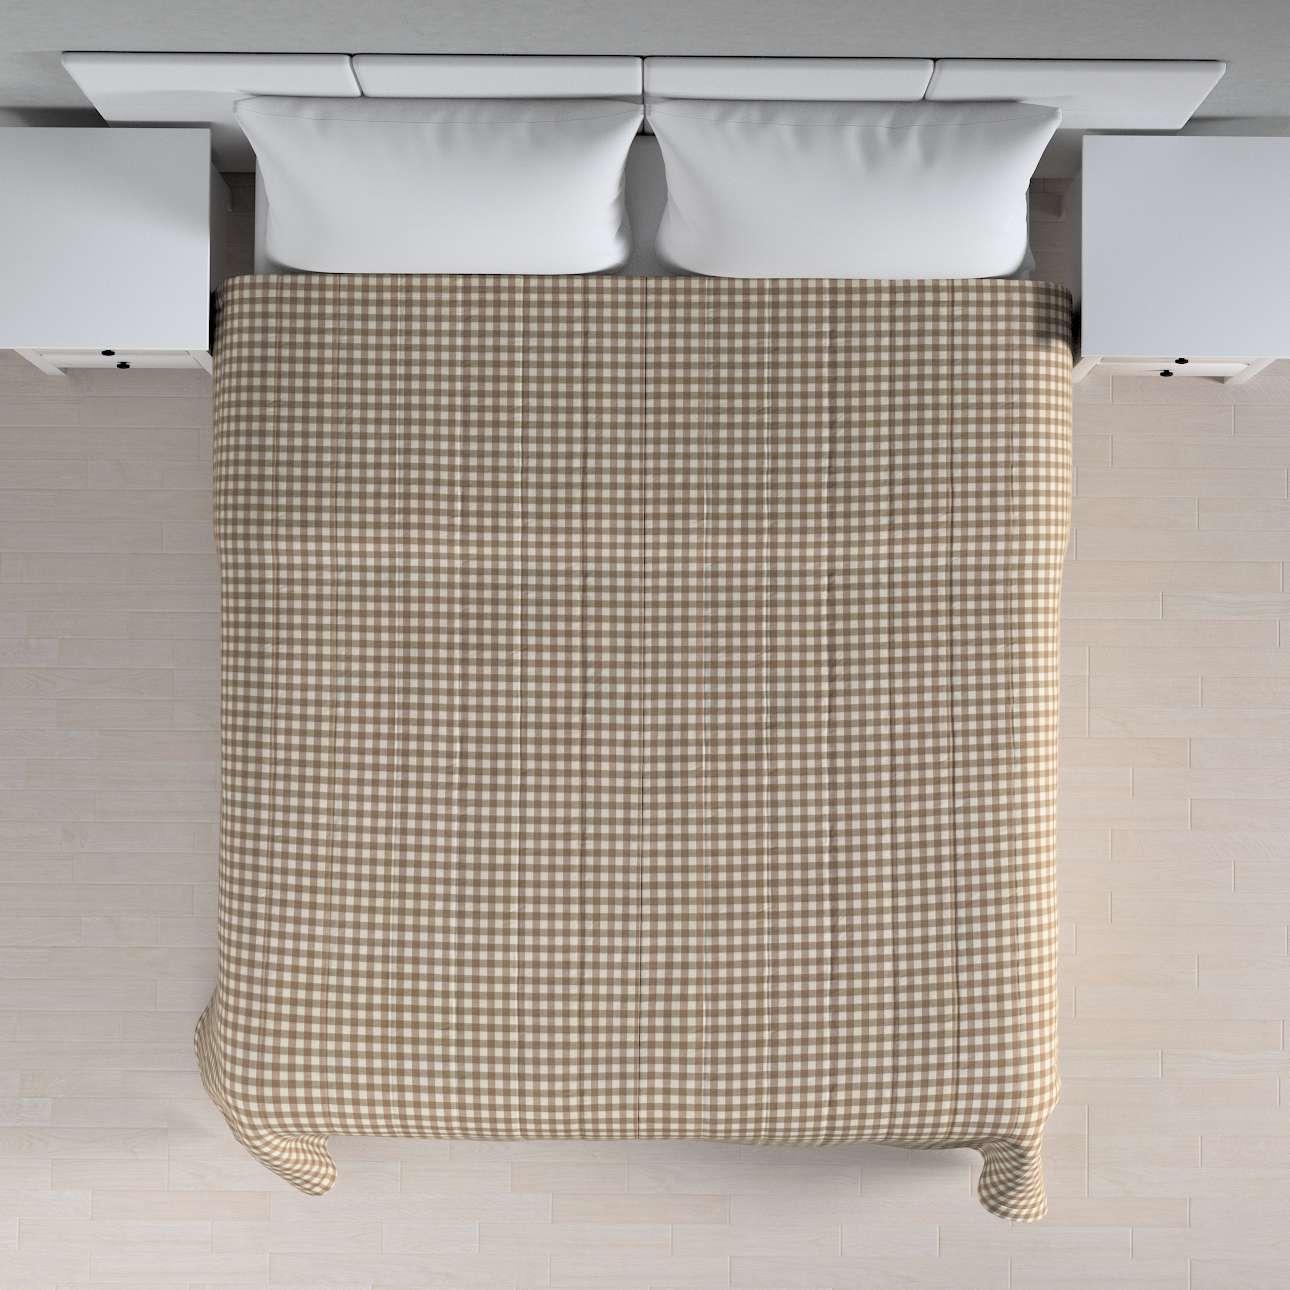 Einfacher Überwurf 260 x 210 cm von der Kollektion Quadro, Stoff: 136-06